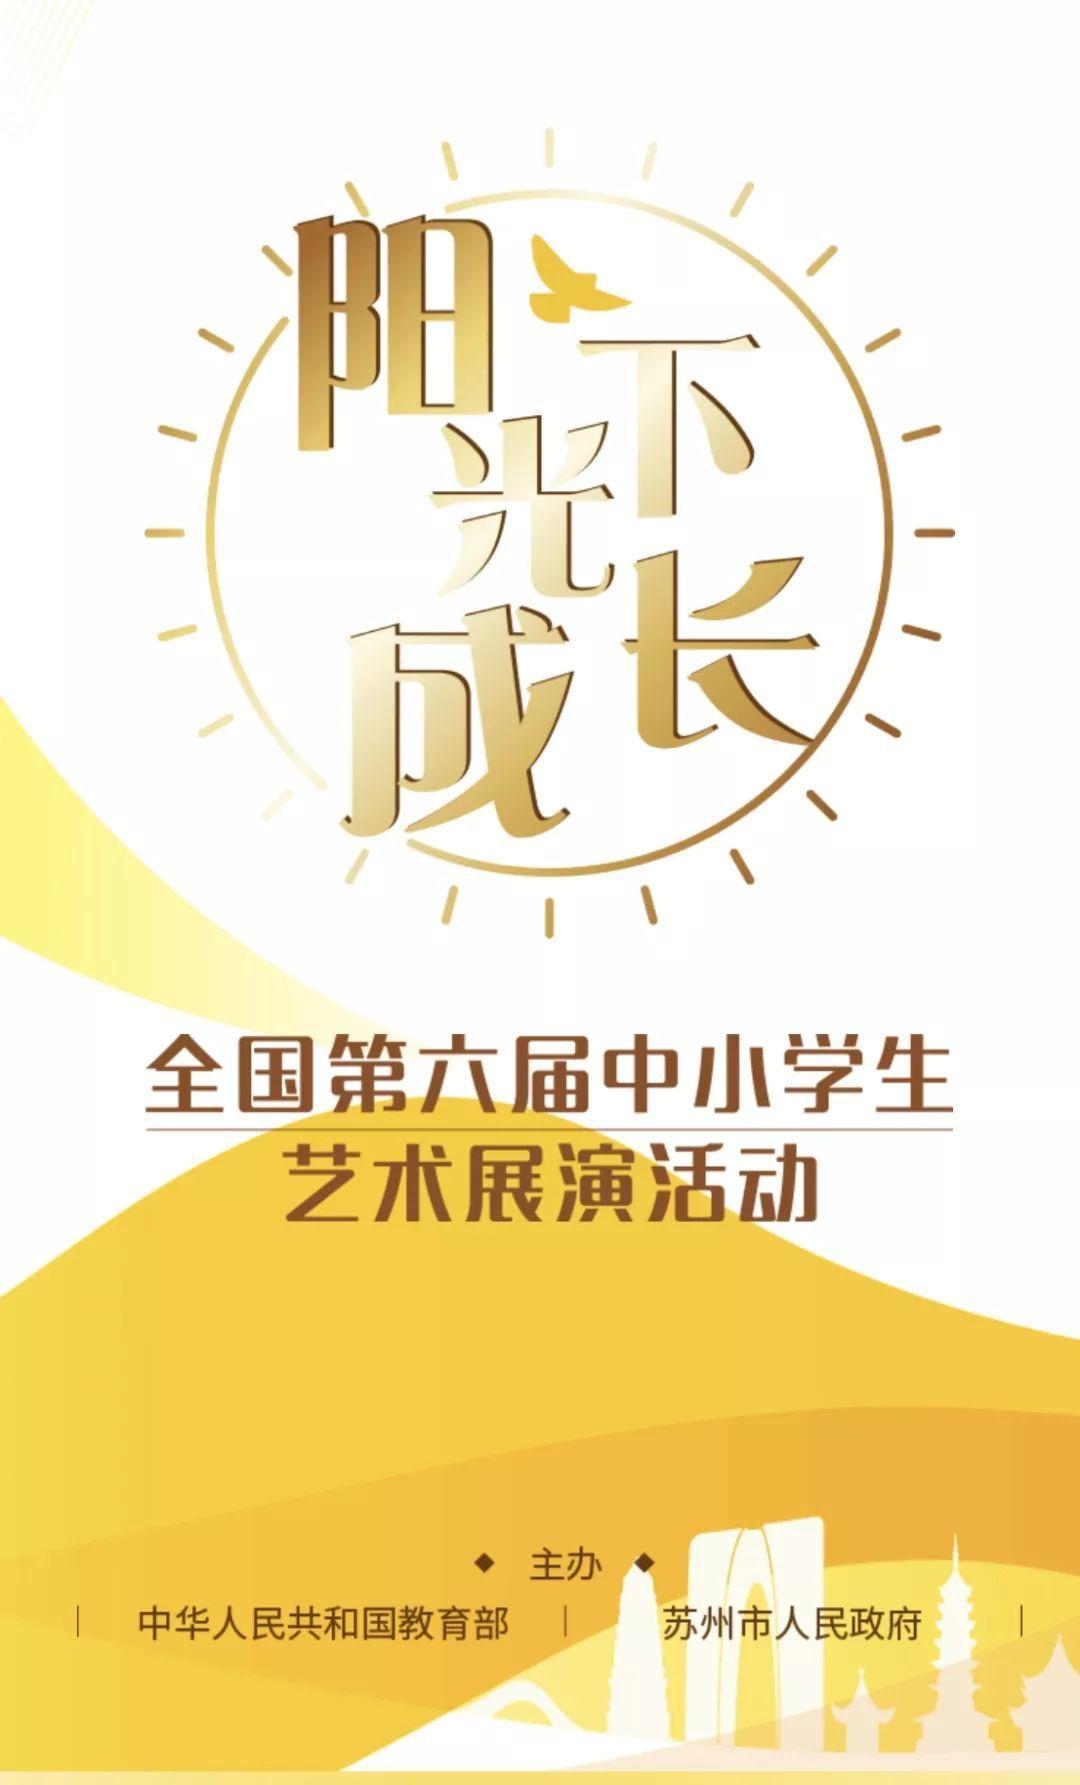 """【今日头条】为了全国""""六艺""""展演,张家港这帮孩子拼了……"""